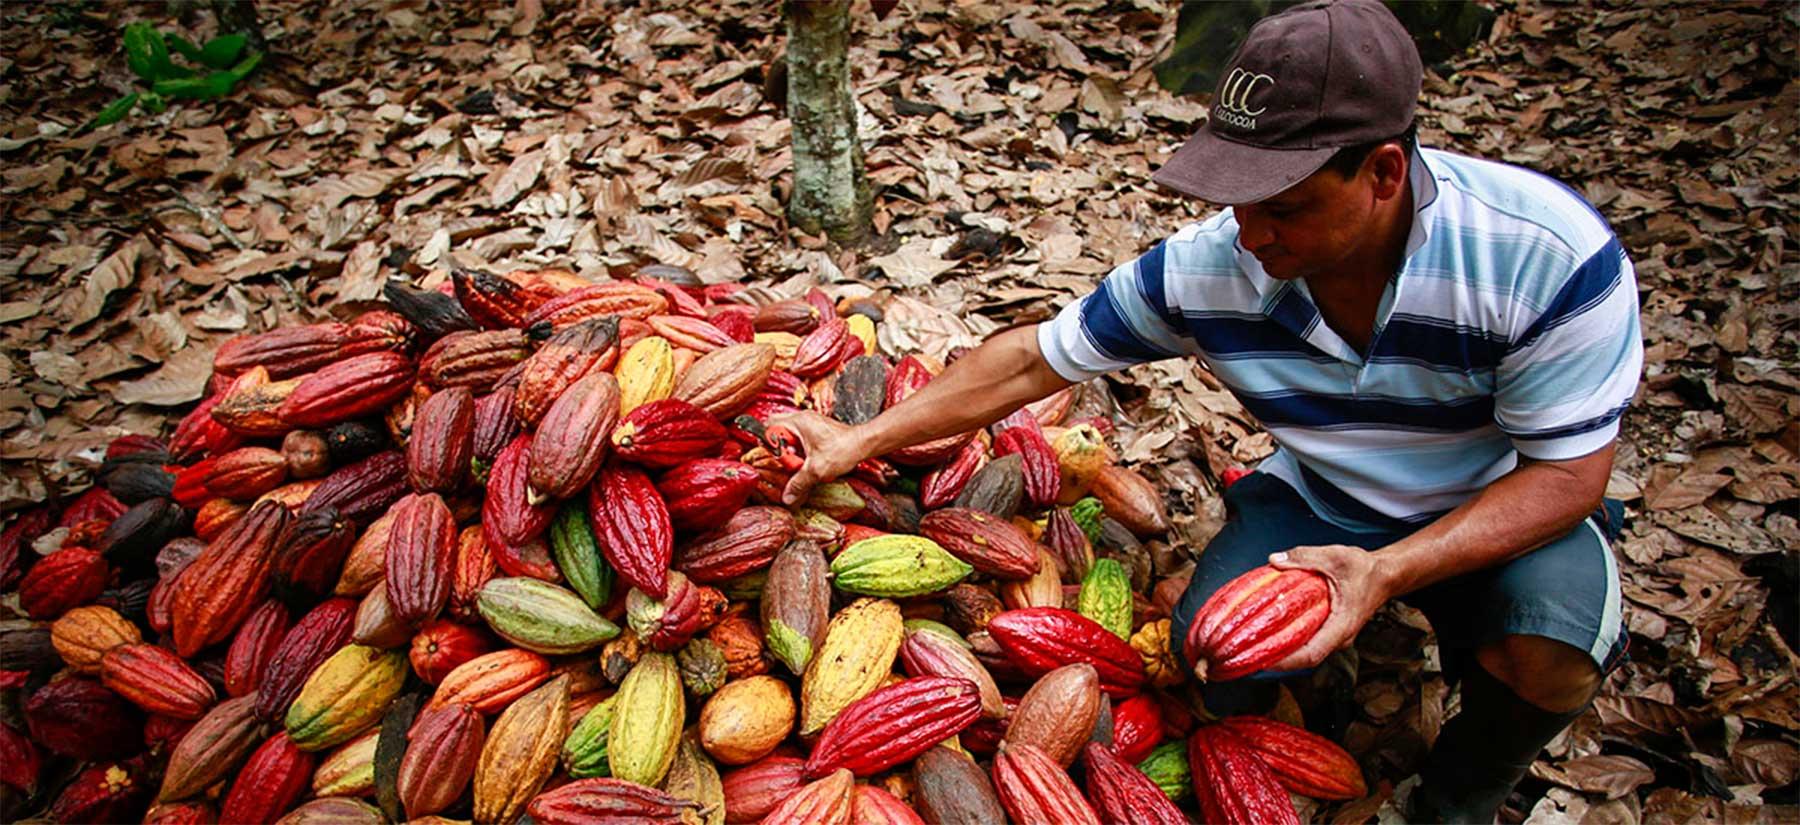 Exportaciones de cacao se verán afectadas por no cumplir con exigencias de la UE